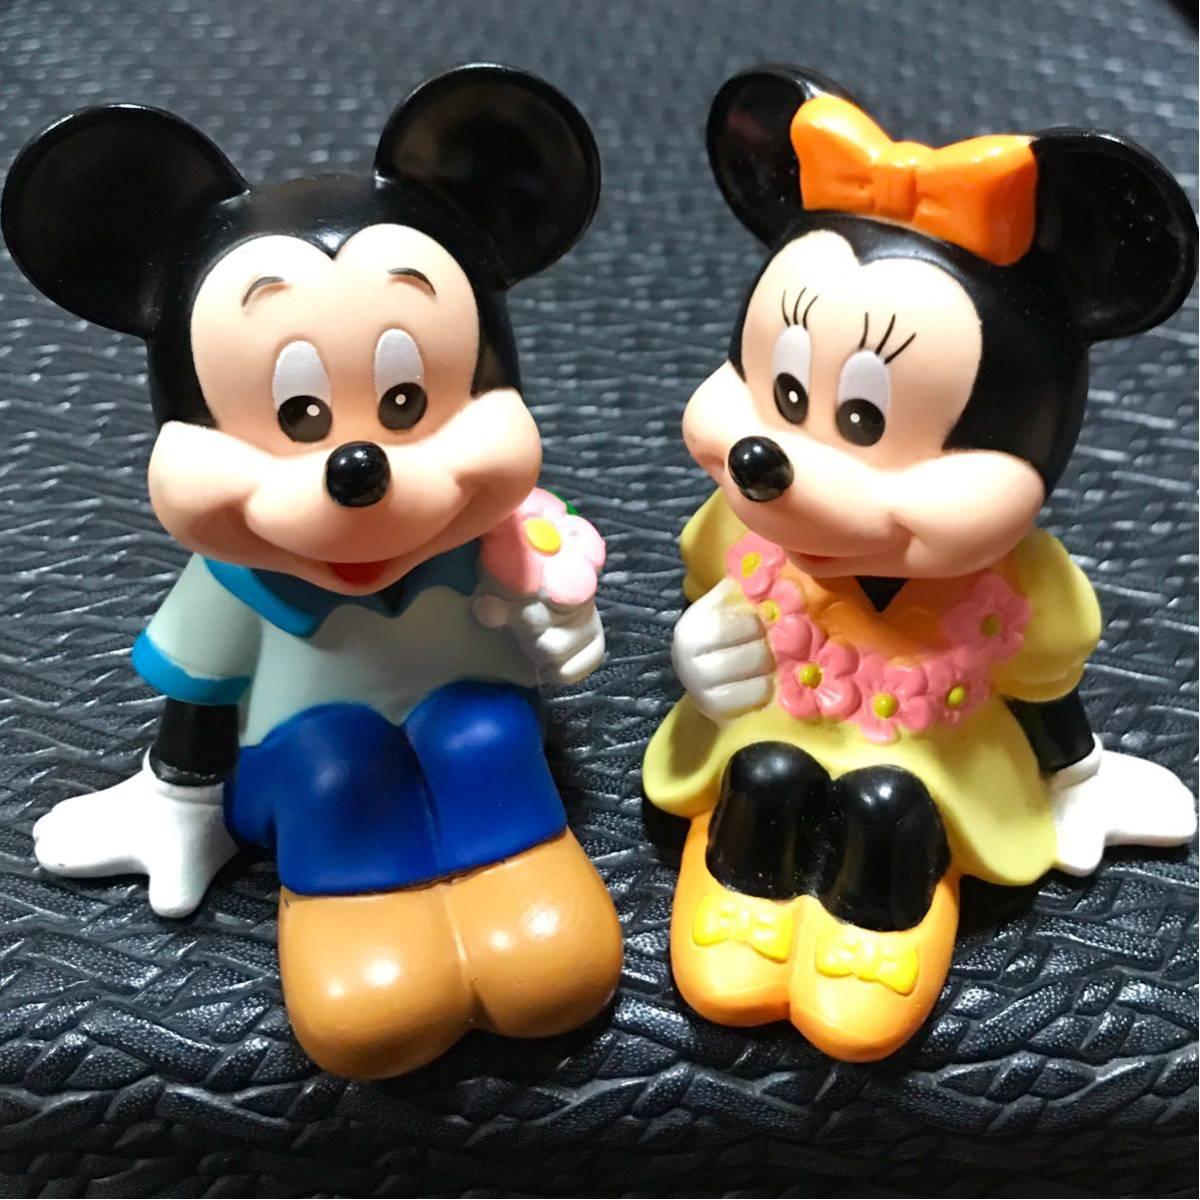 三菱銀行 ☆ Mitsubishi Bank ☆ ミッキーマウス ☆ ミニーマウス ☆ 貯金箱 ☆ 非売品 ☆ 限定品 ☆ 中古品 ☆ フィギュア ☆ ノベルティ_画像1